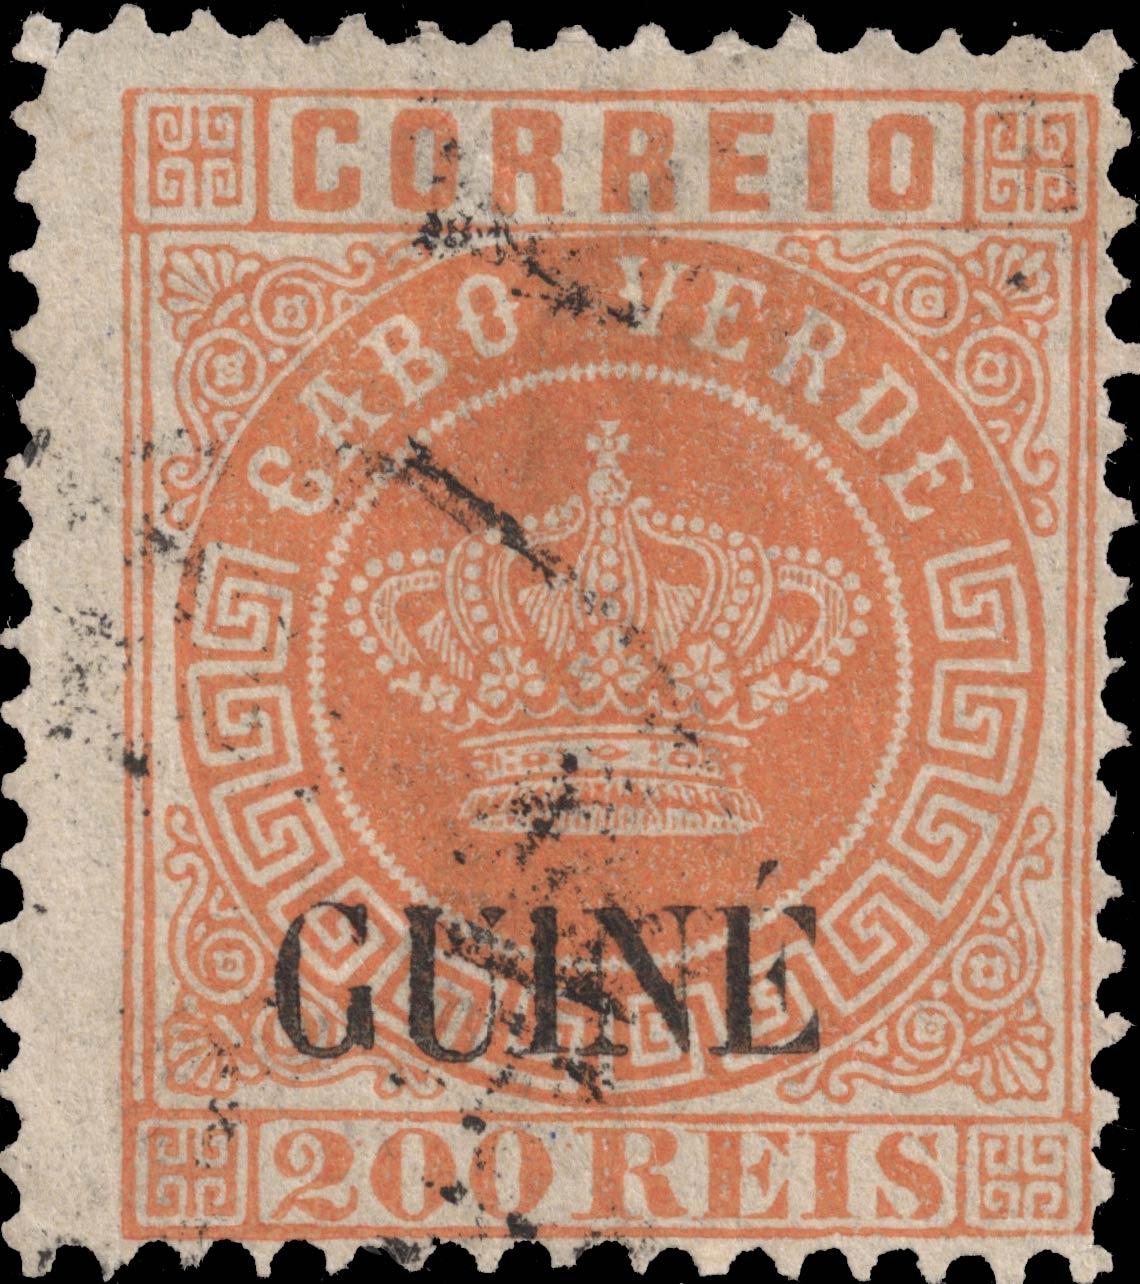 Portuguese_Guinea_1880-85_Crown_200r_Genuine